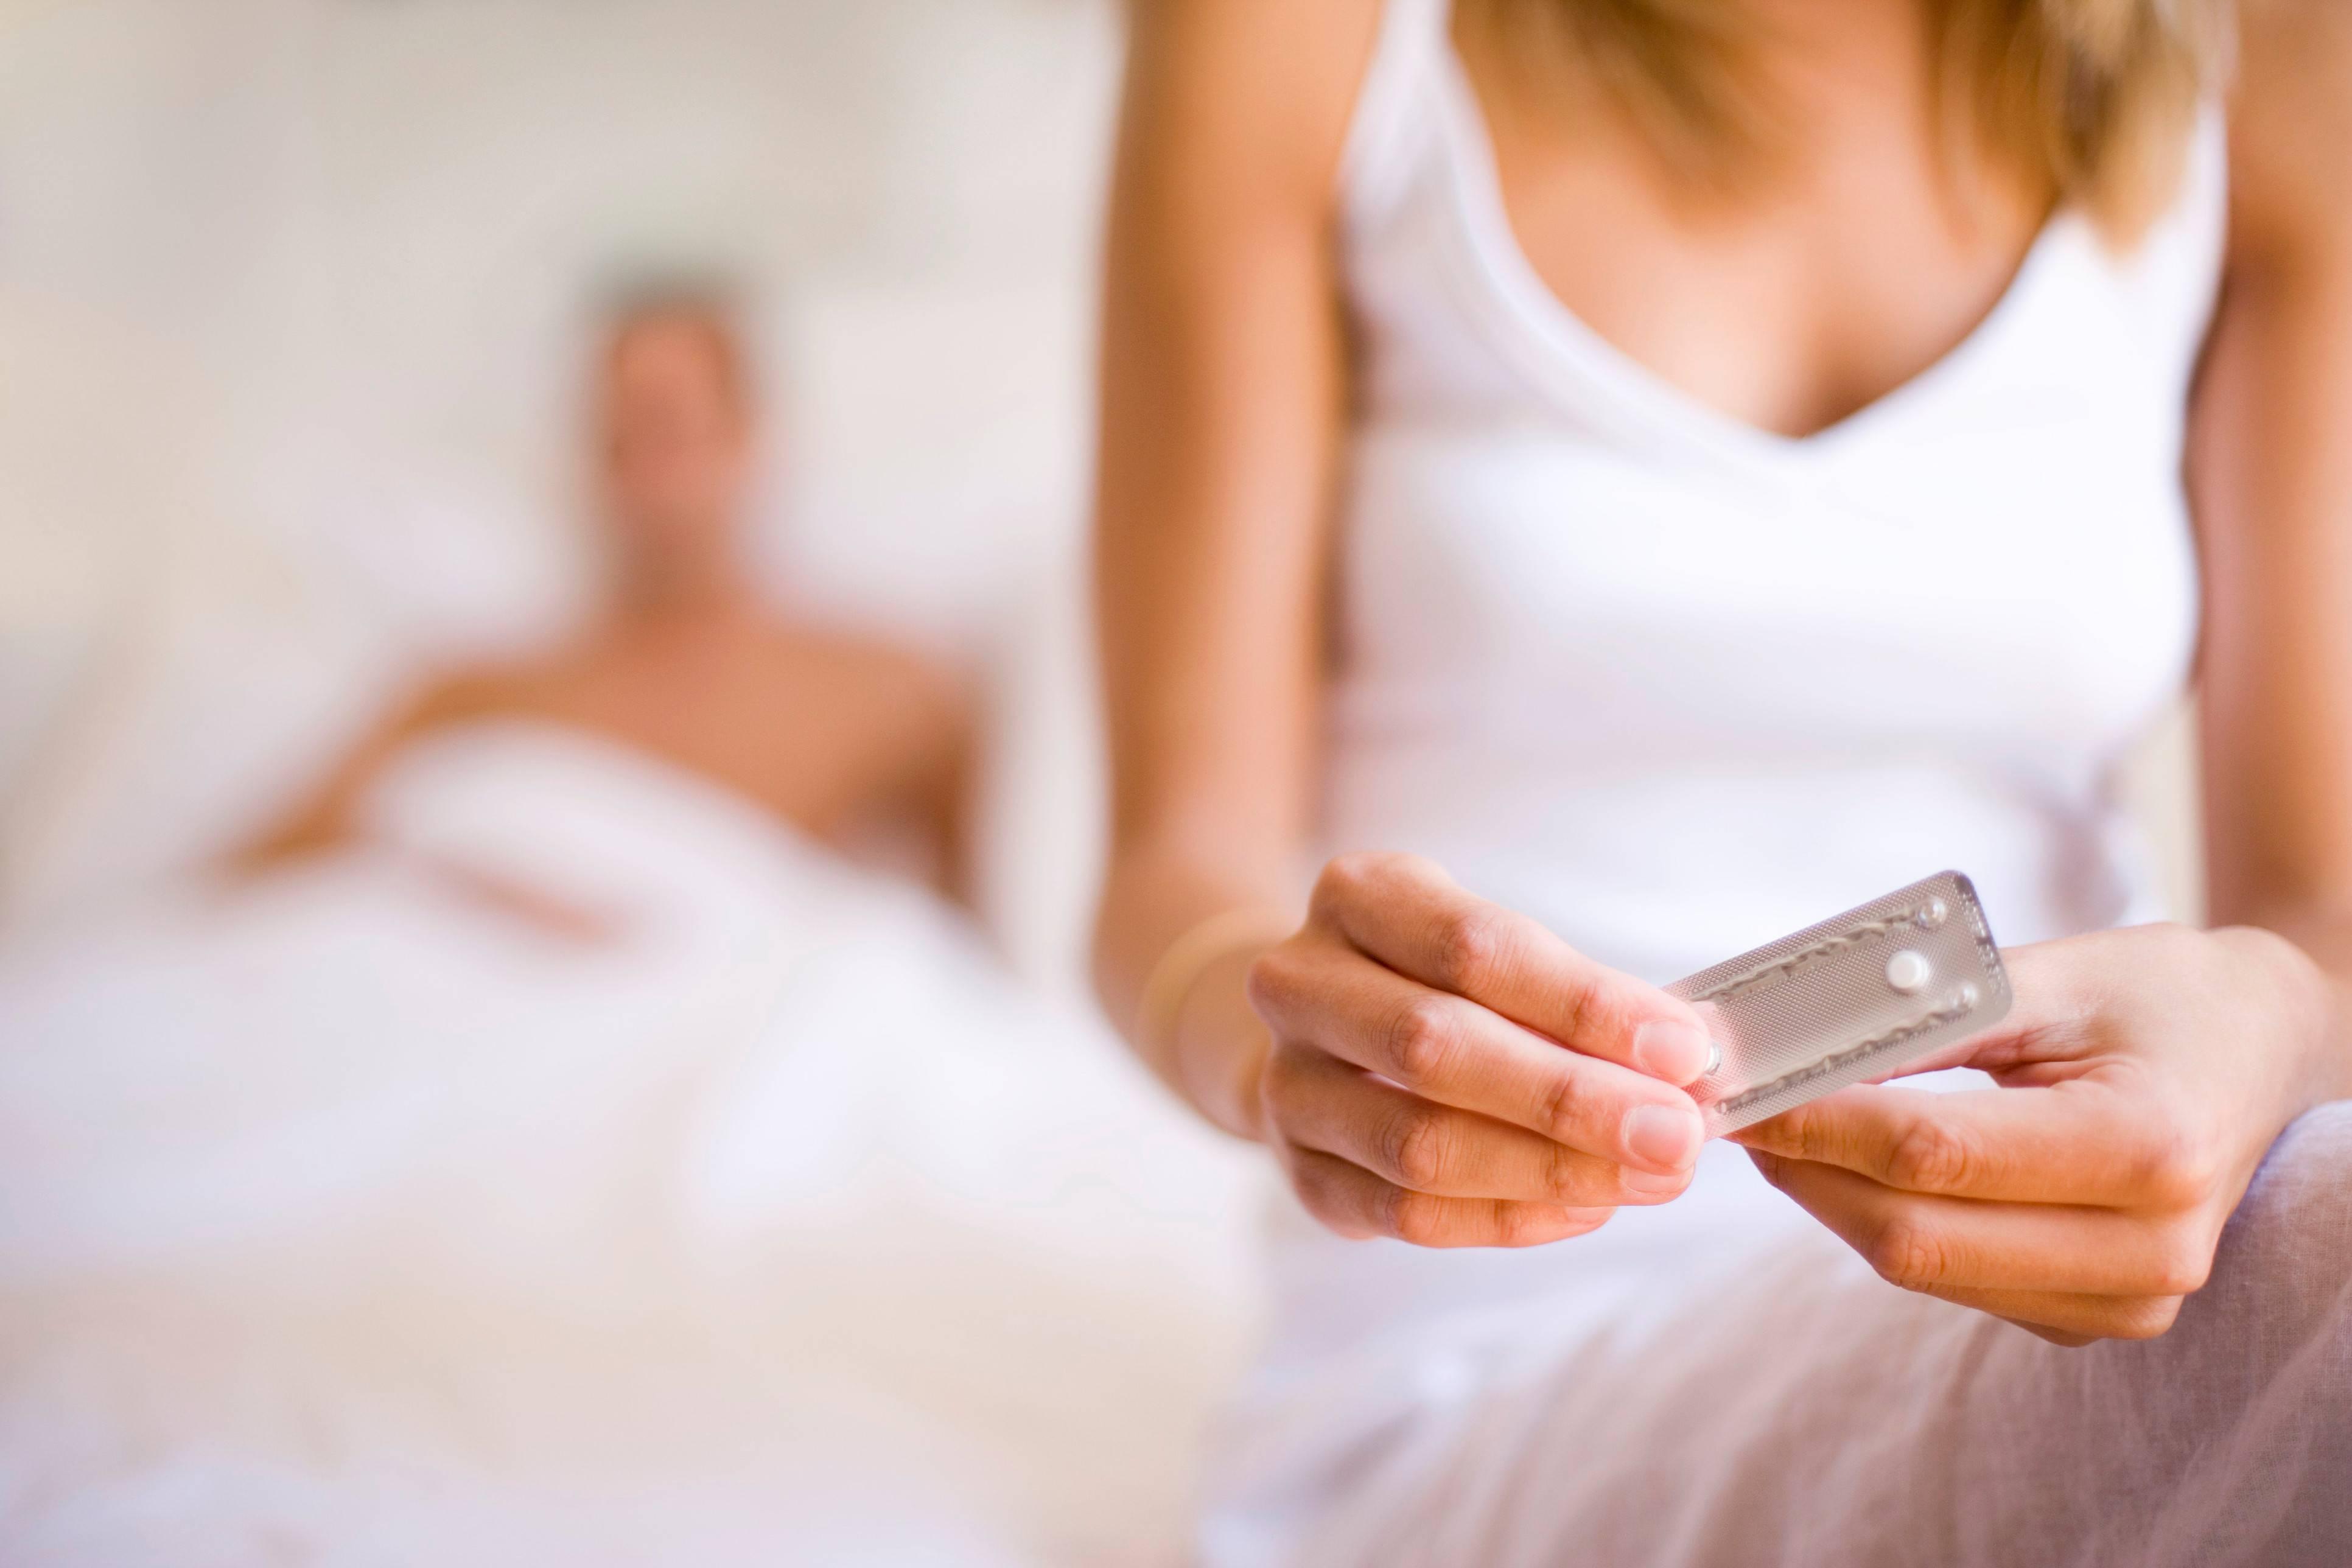 Прерывание нежелательной беременности, способы прерывания нежелательной беременности